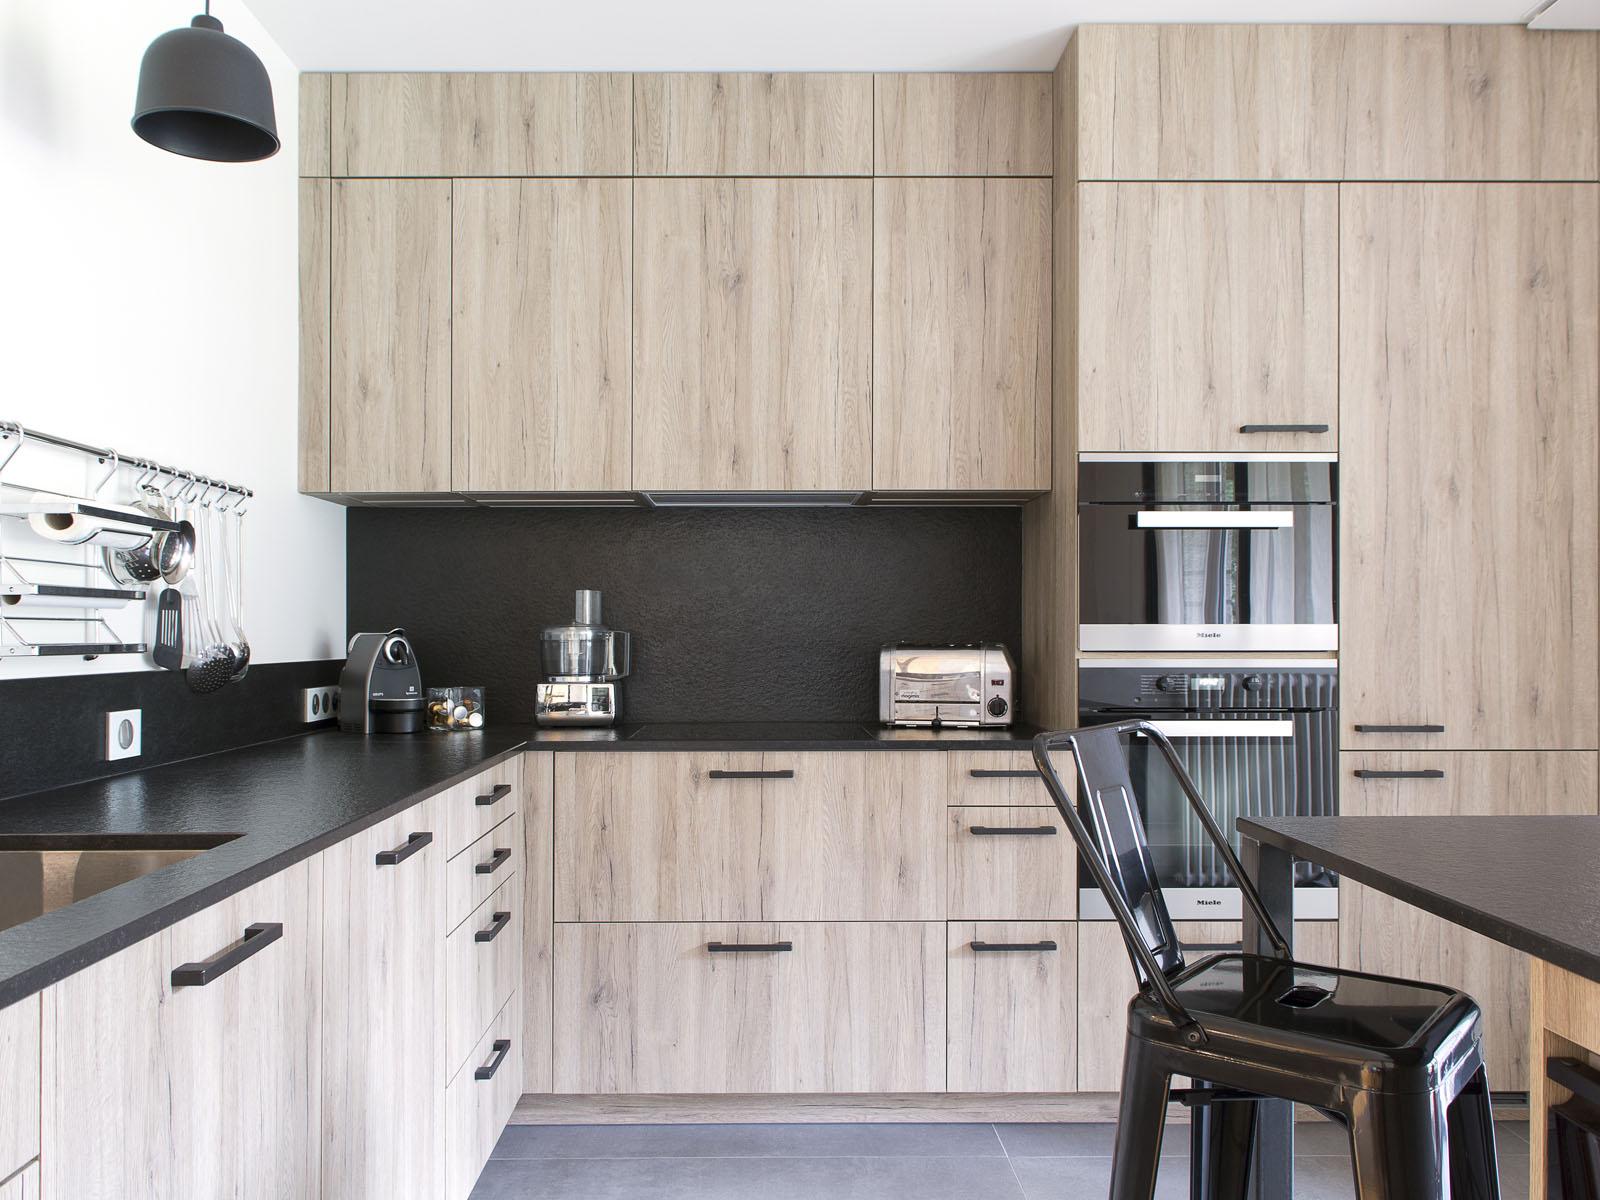 reportage photo pour le cuisiniste cuisine 1 rennes par gw na lle hoyet gw naelle hoyet. Black Bedroom Furniture Sets. Home Design Ideas